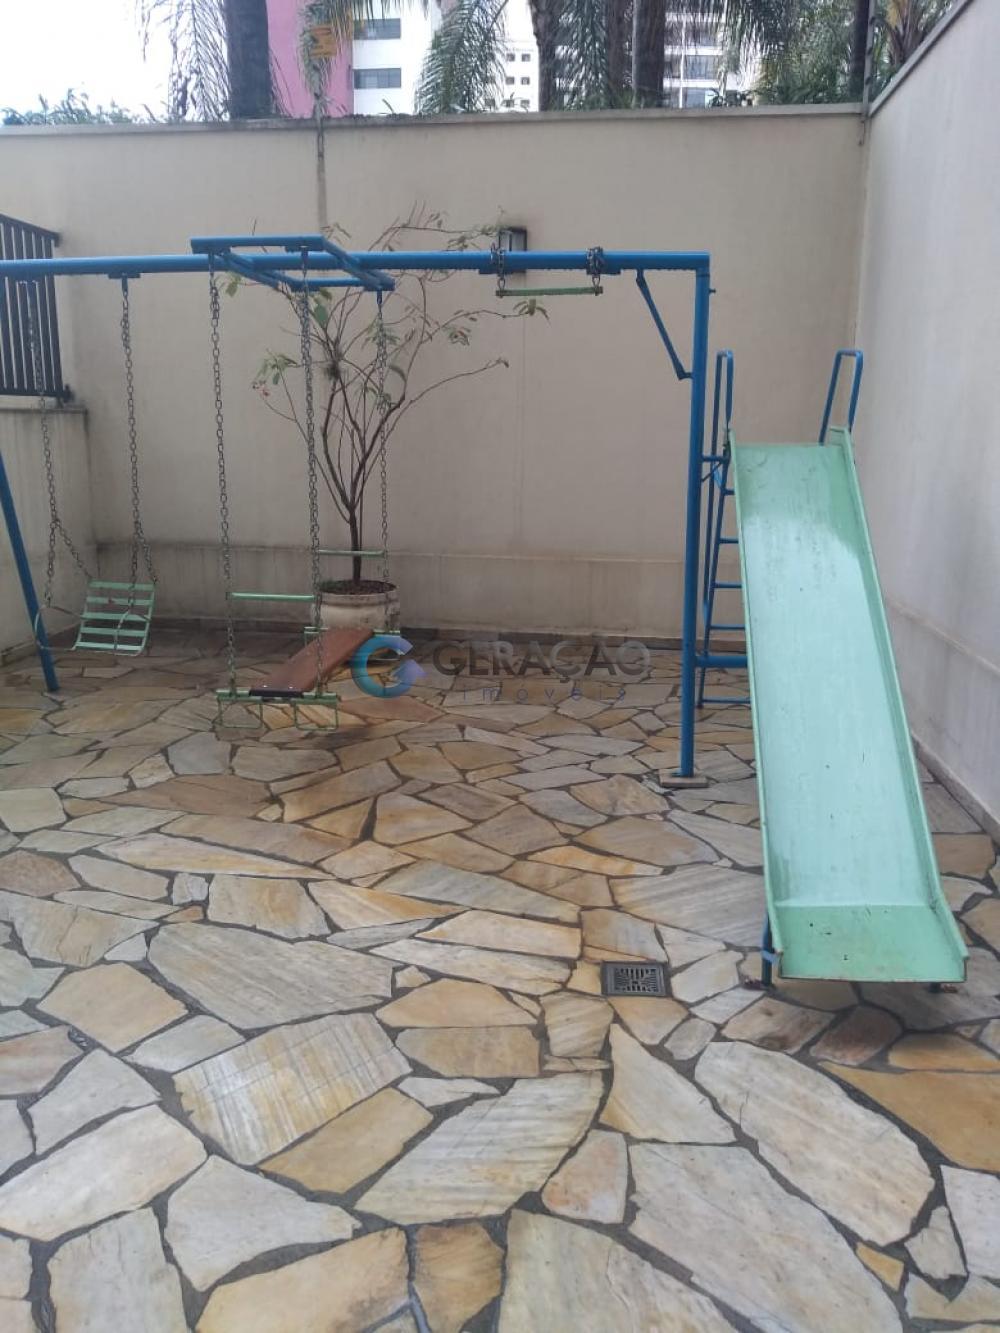 Comprar Apartamento / Padrão em São José dos Campos apenas R$ 1.300.000,00 - Foto 29